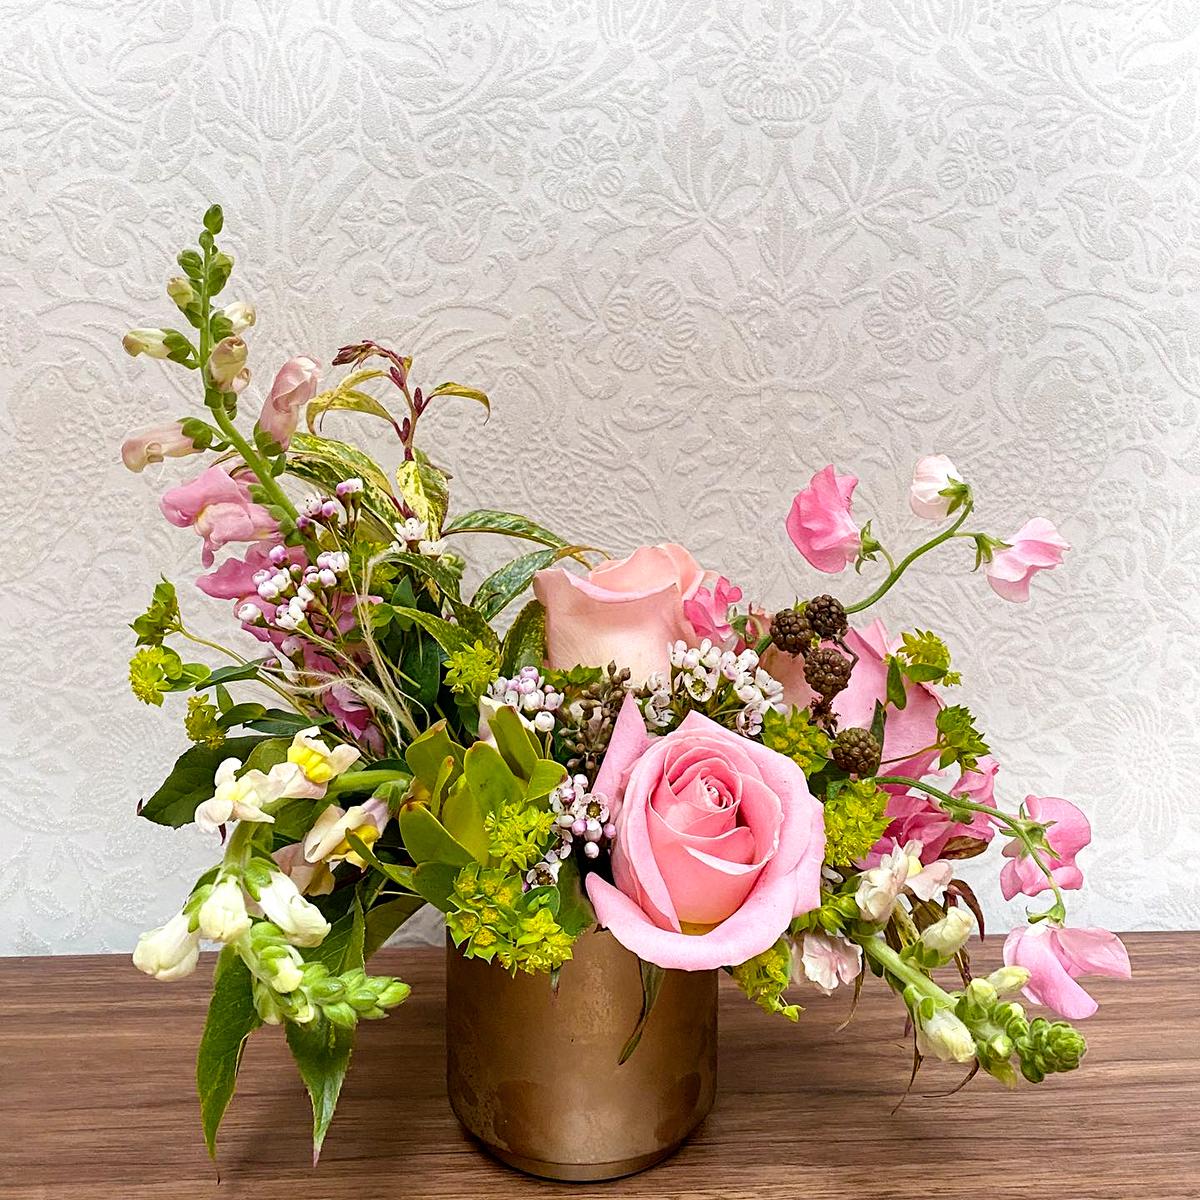 Brewery Bhavana flower arrangement